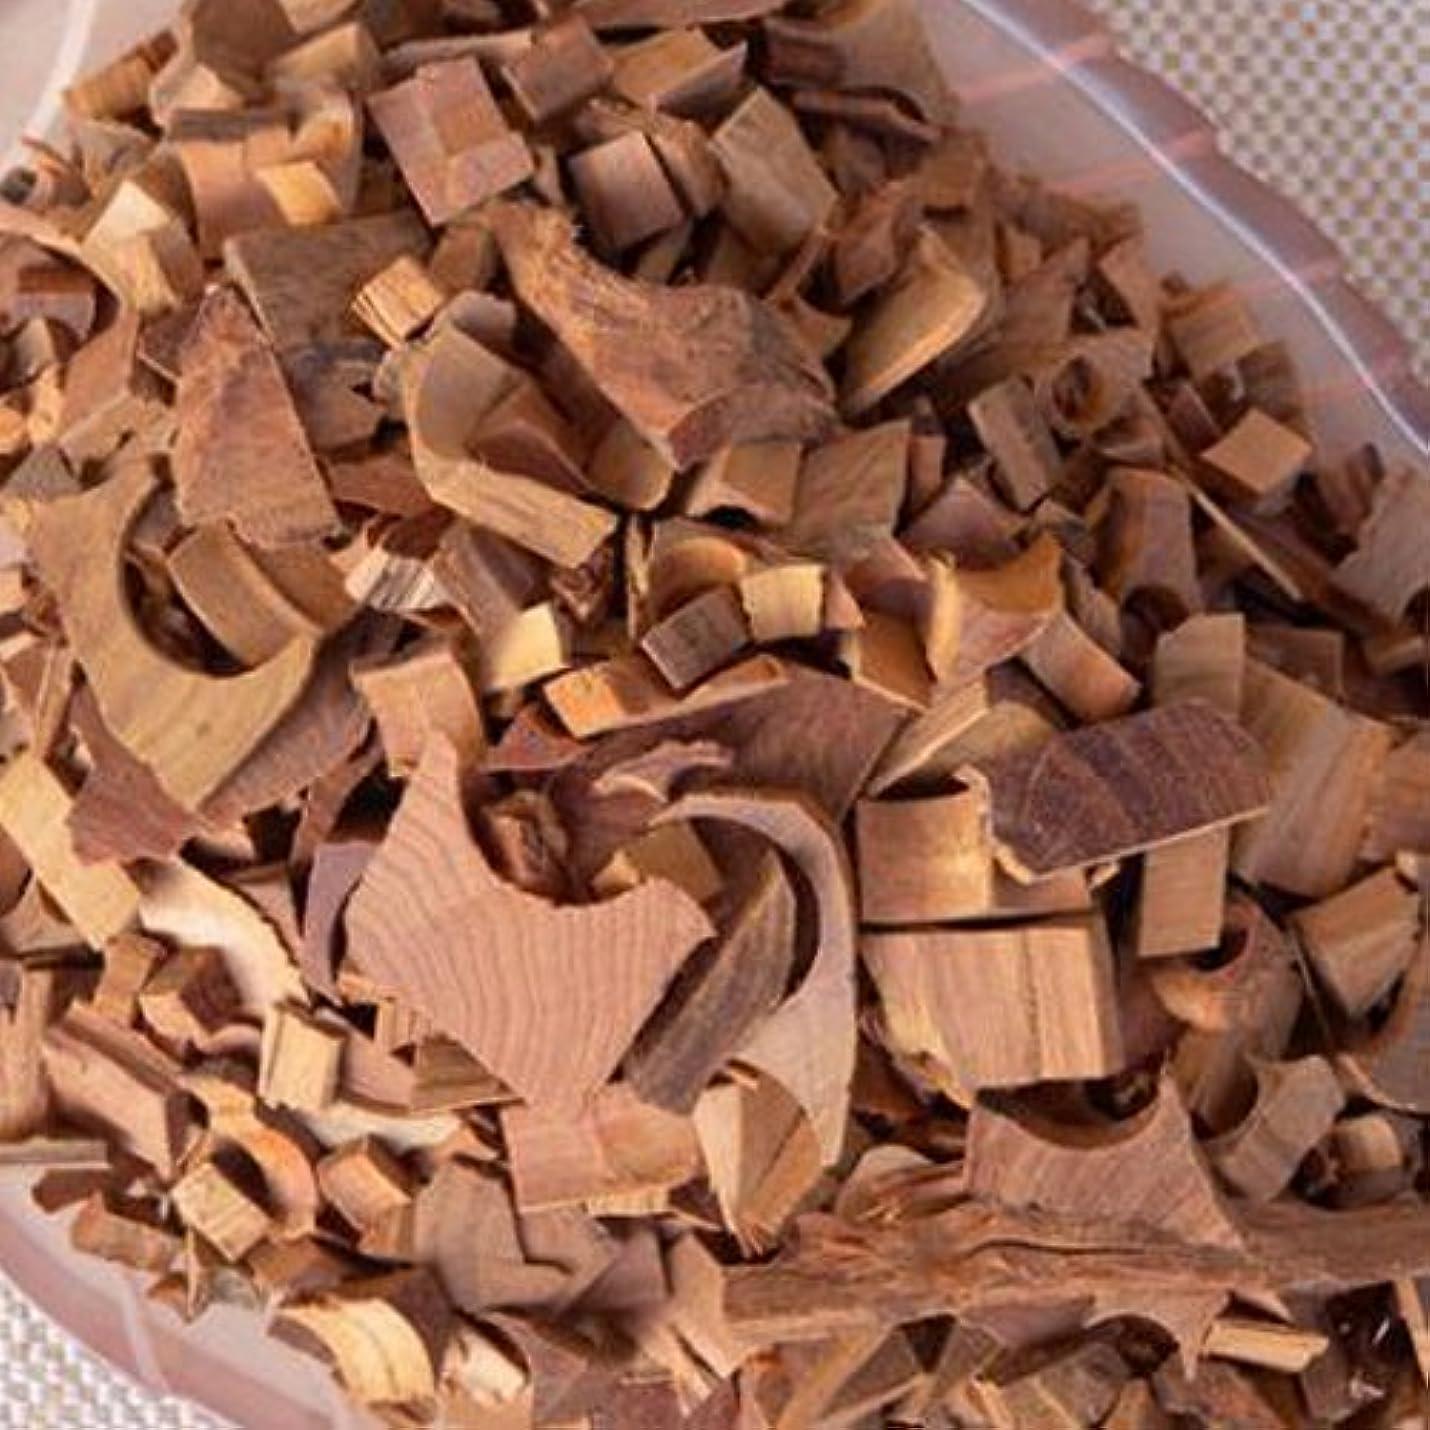 結紮キーリーダーシップNatural India Mysore Laoshan Sandalwood Chips aromatic Sandal Wood Chips Scent Rich For Aromatherapy Aroma Rich...